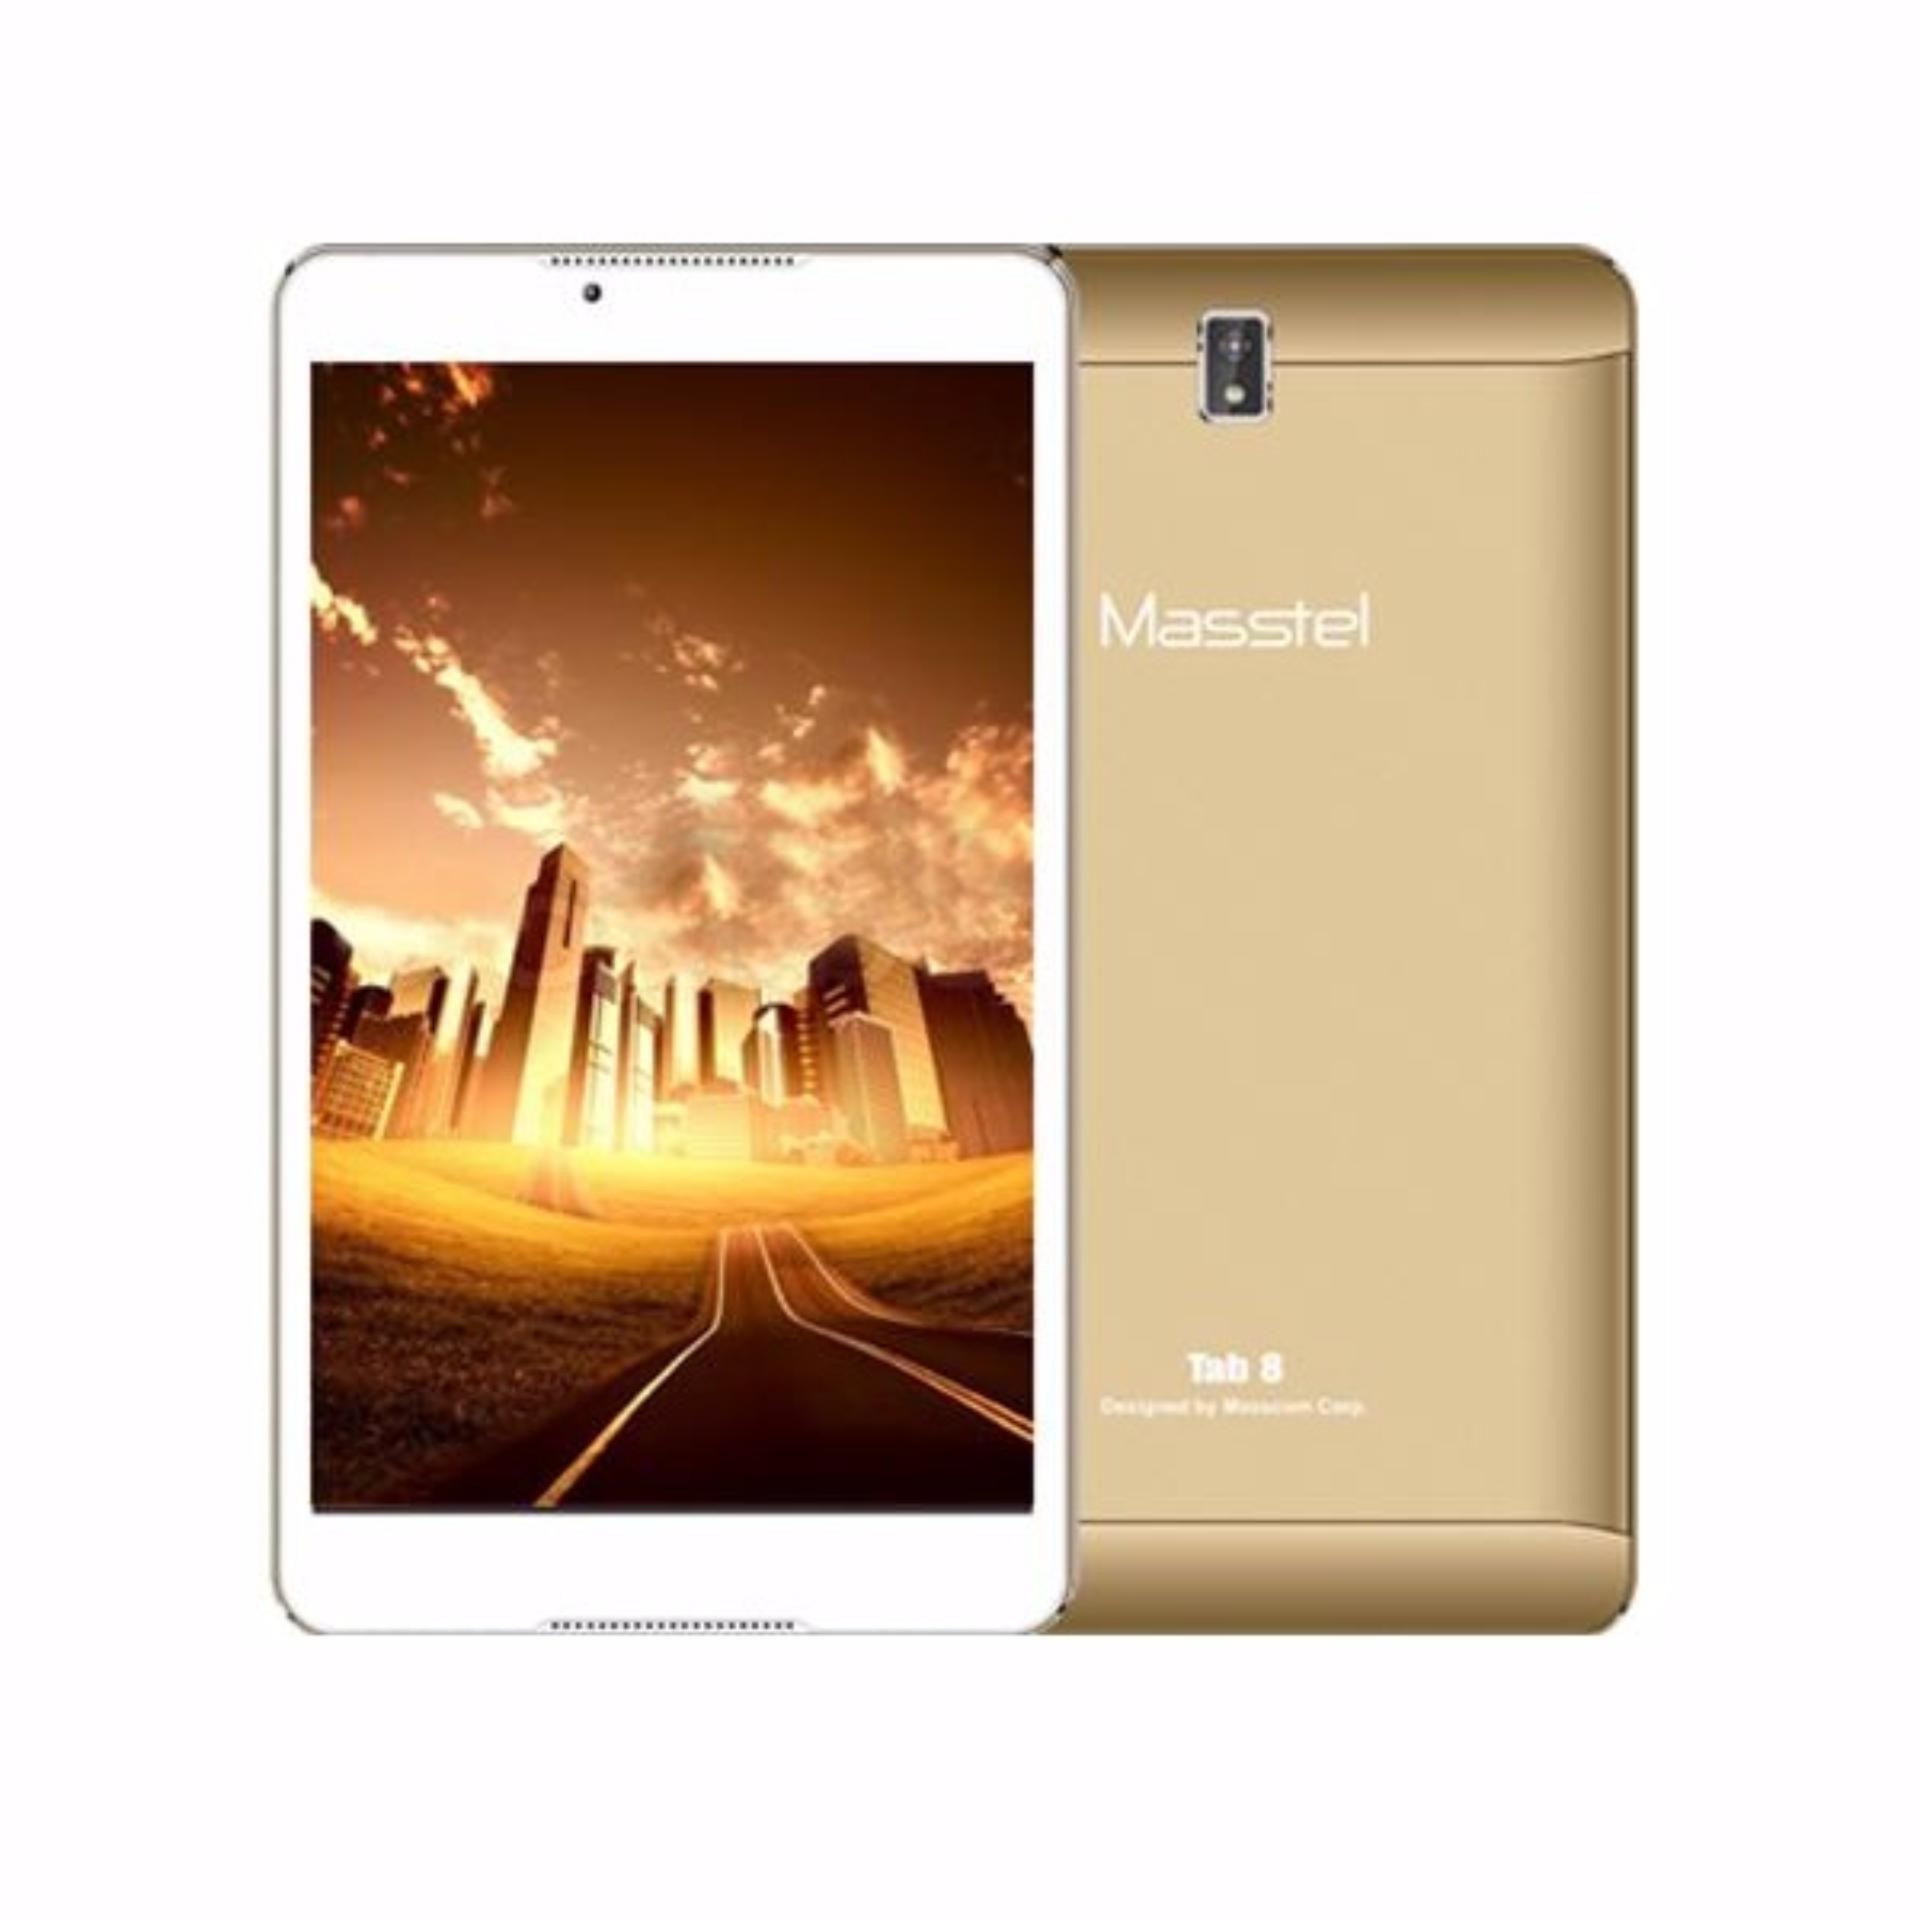 Cập Nhật Giá Máy Tính Bảng Masstel Tab 8 (Gold)